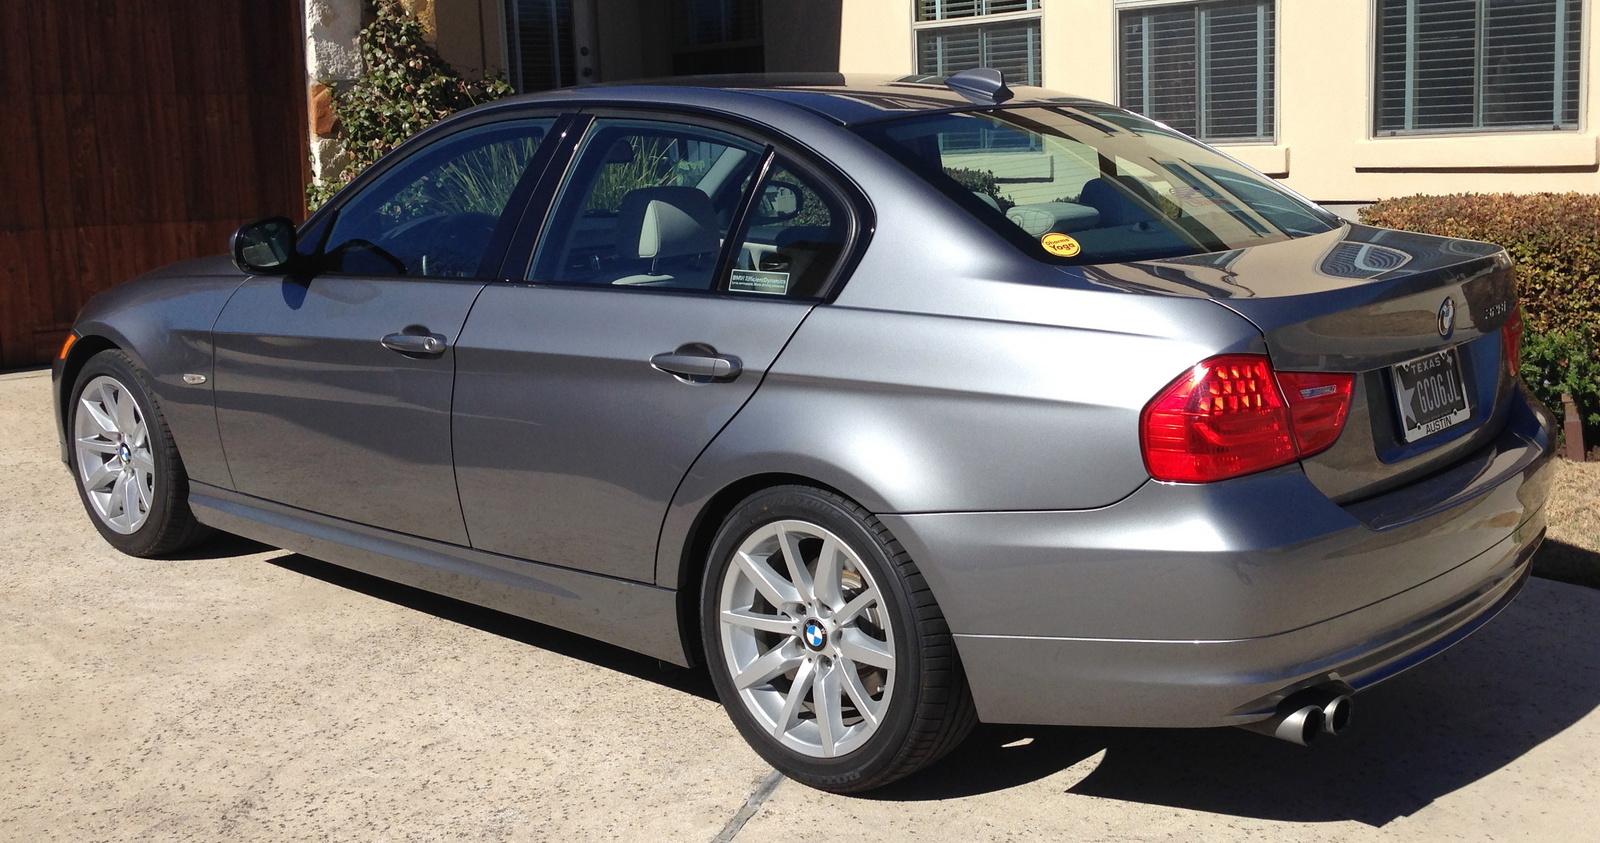 2011 BMW 3 Series - Pictures - CarGurus